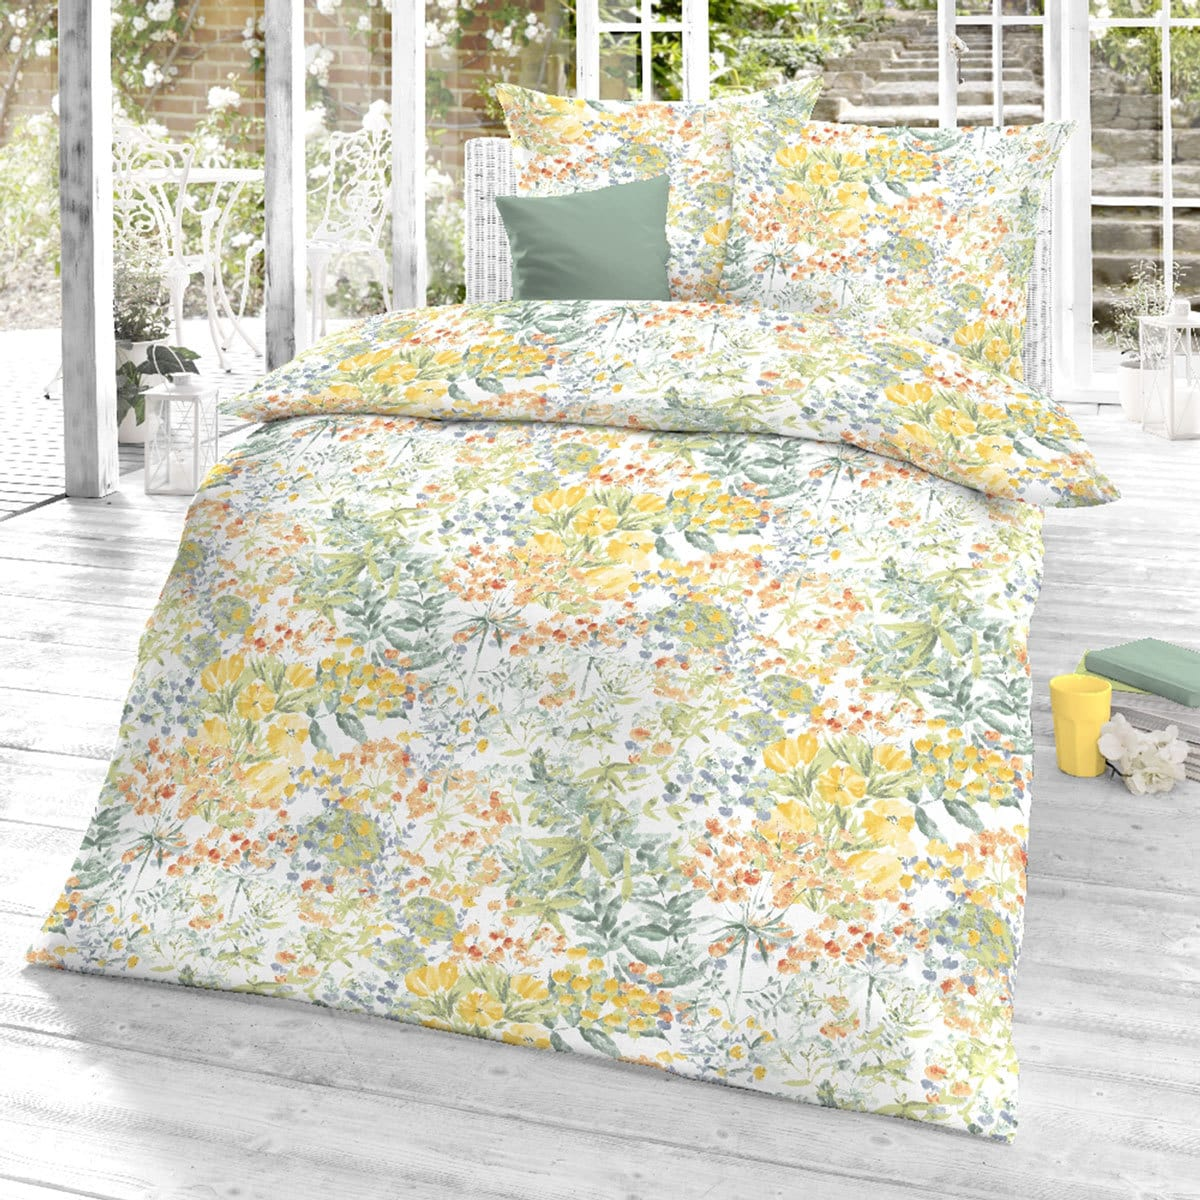 schlafgut mako satin bettw sche summergarden sunshine sonja kratzer. Black Bedroom Furniture Sets. Home Design Ideas